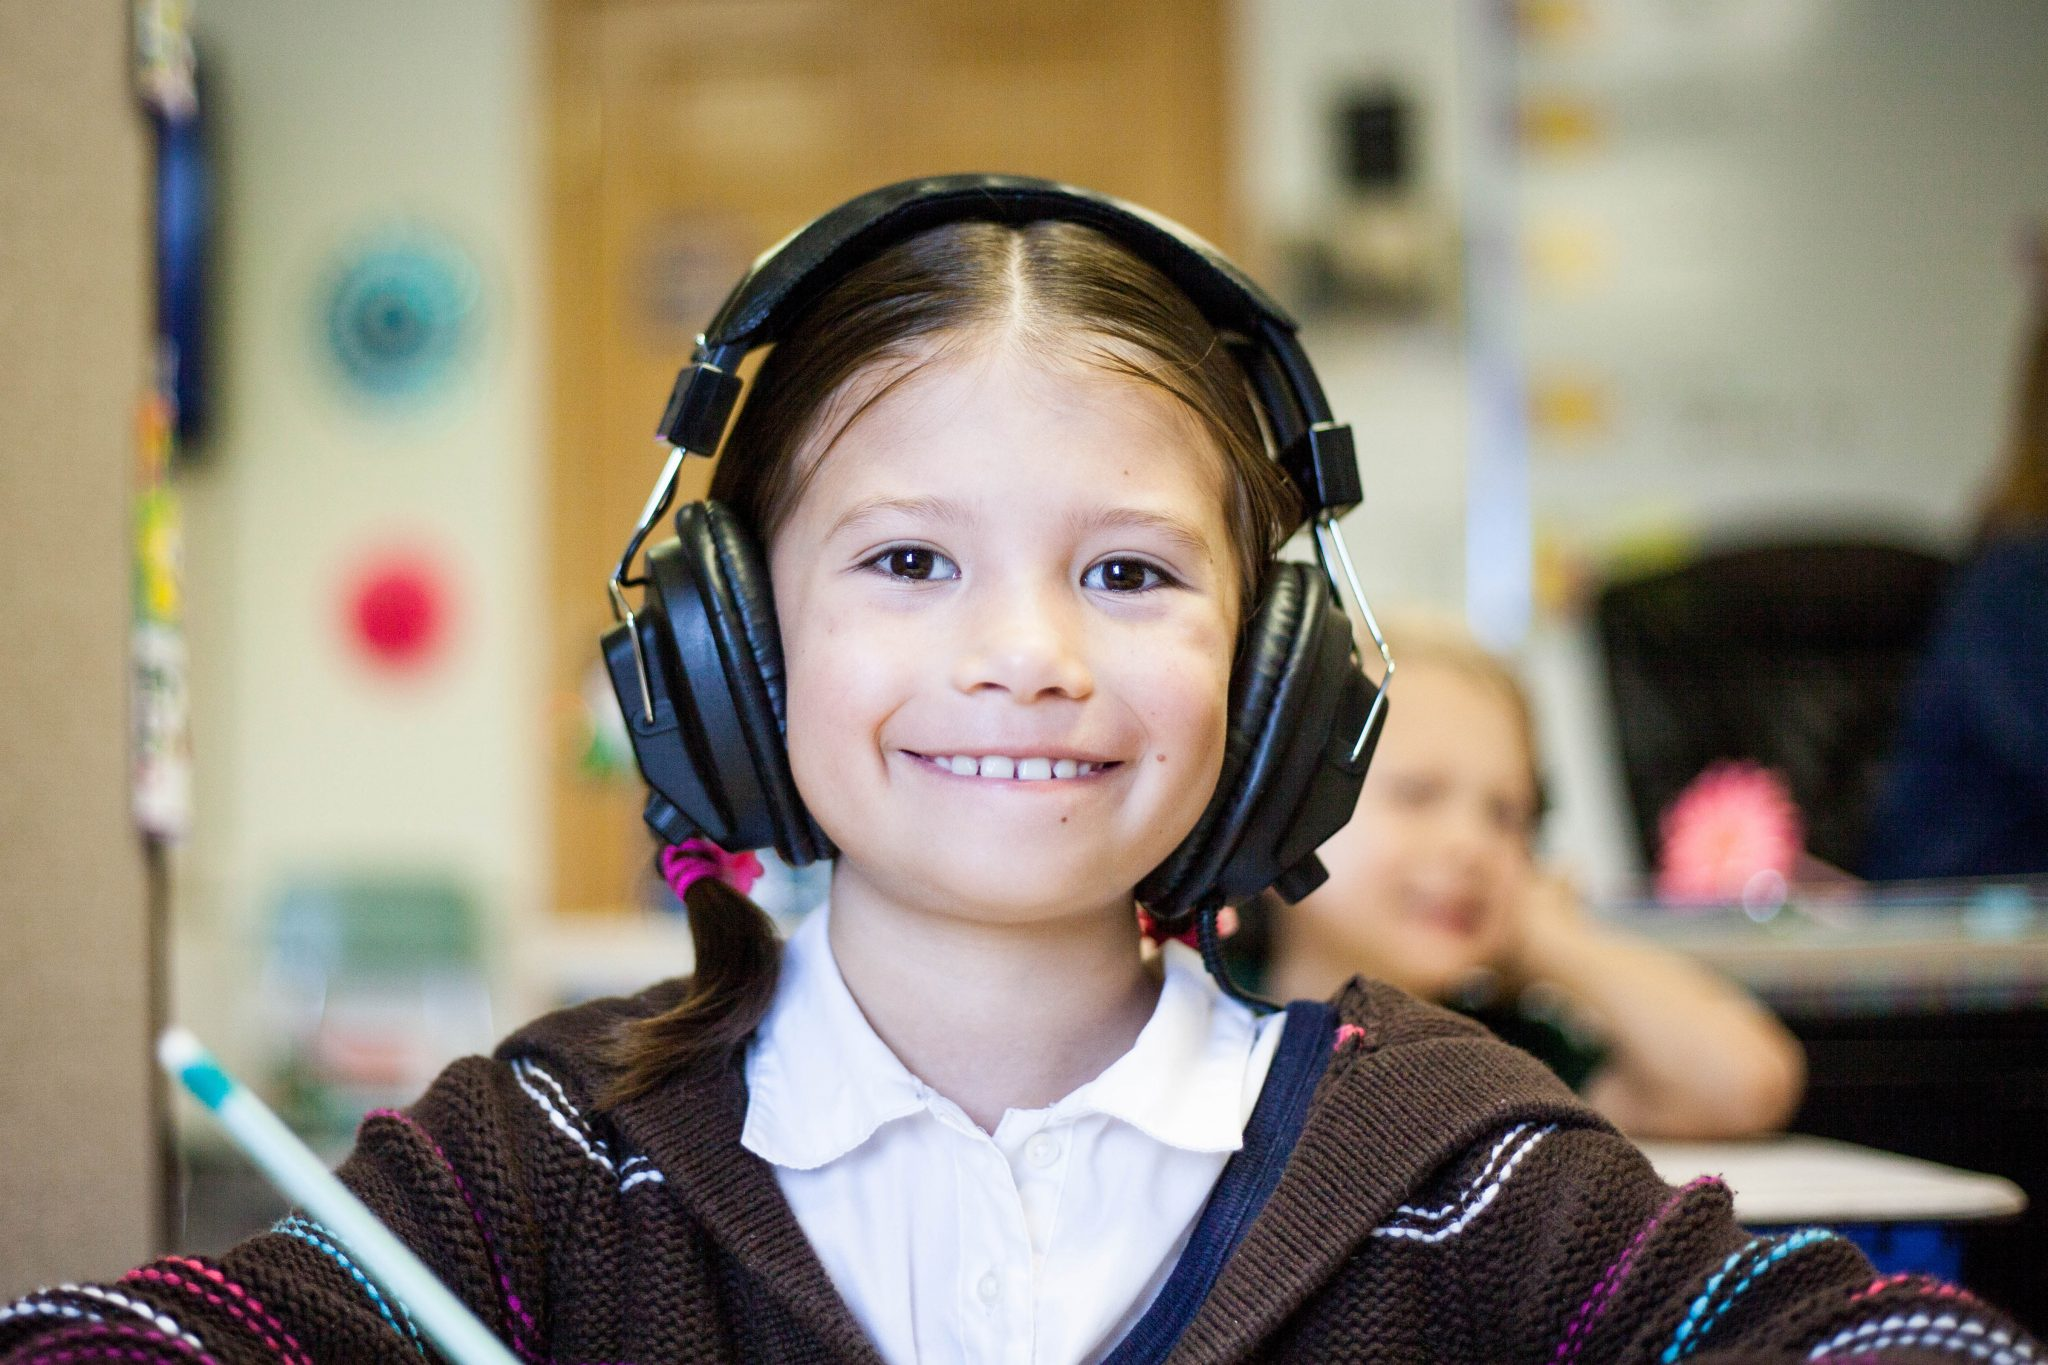 Doug Scheer School Assemblies, Sheer Genius School Assemblies, Michigan school assemblies, school assemblies, sensory sensitivity, assembly show inclusivity, sensory sensitive inclusivity